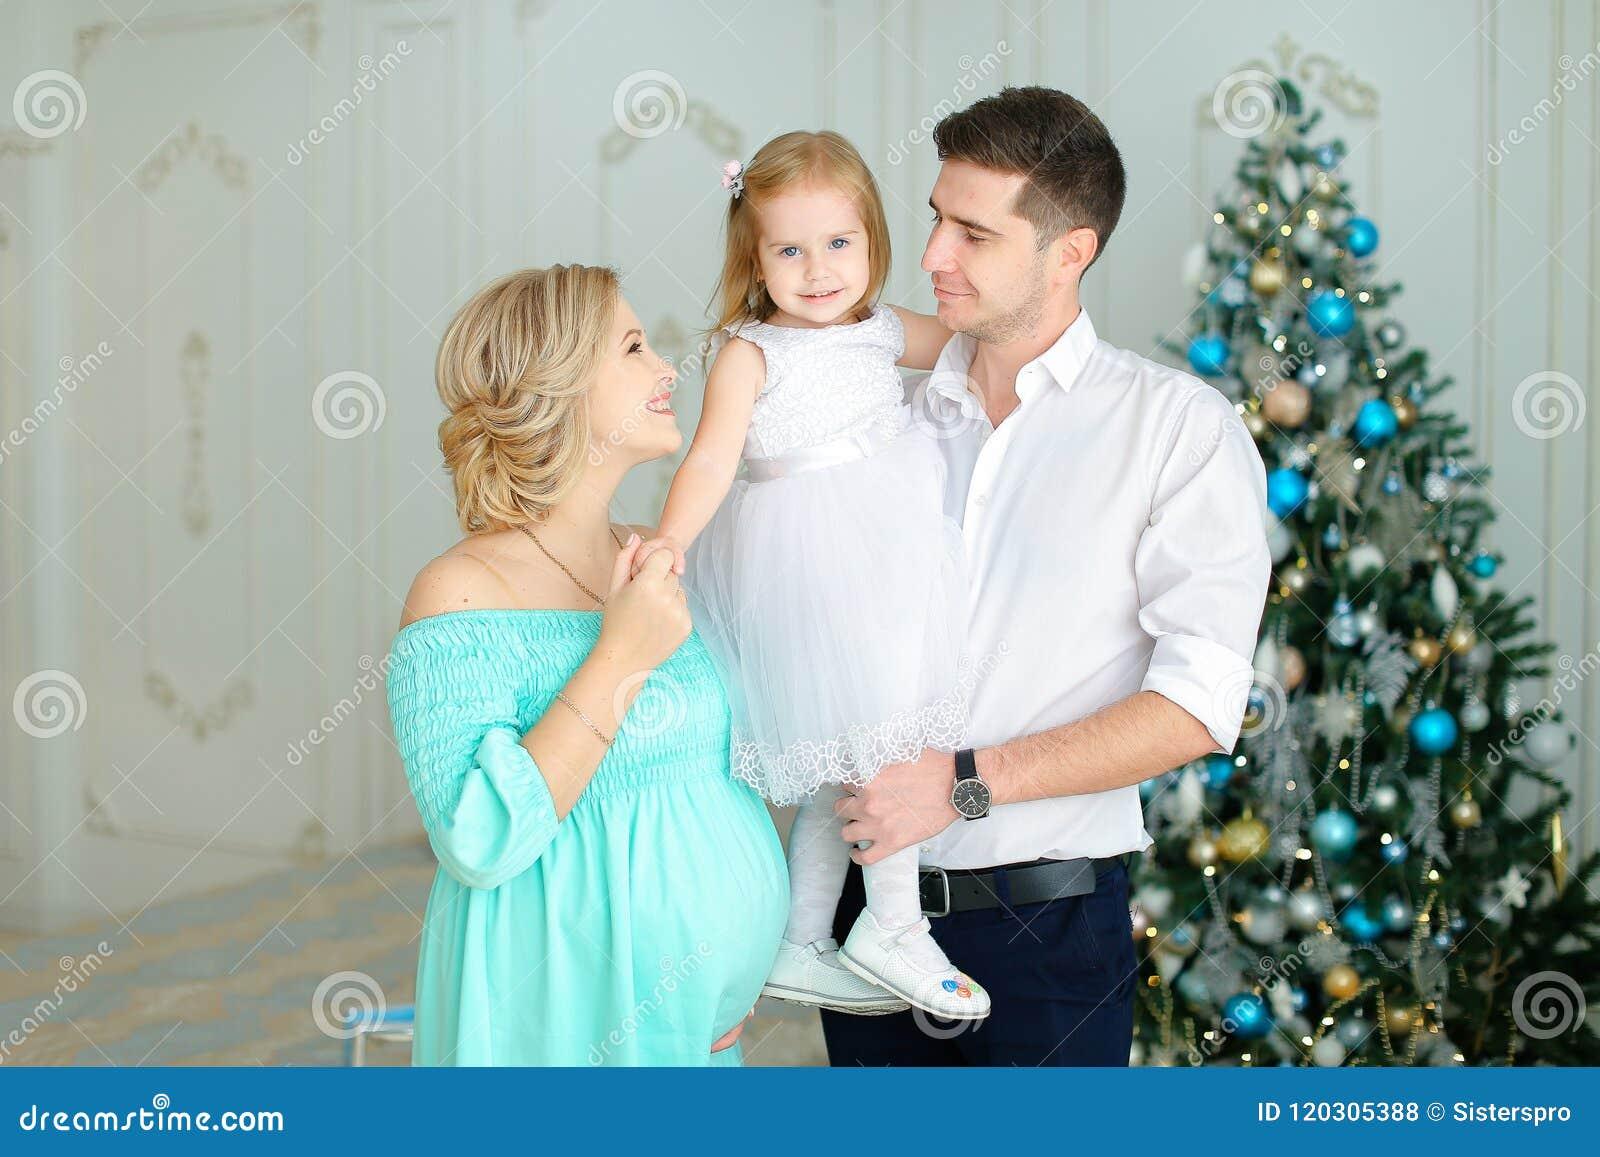 Femme européenne enceinte tenant le mari proche gardant la petite fille près de l arbre de Noël